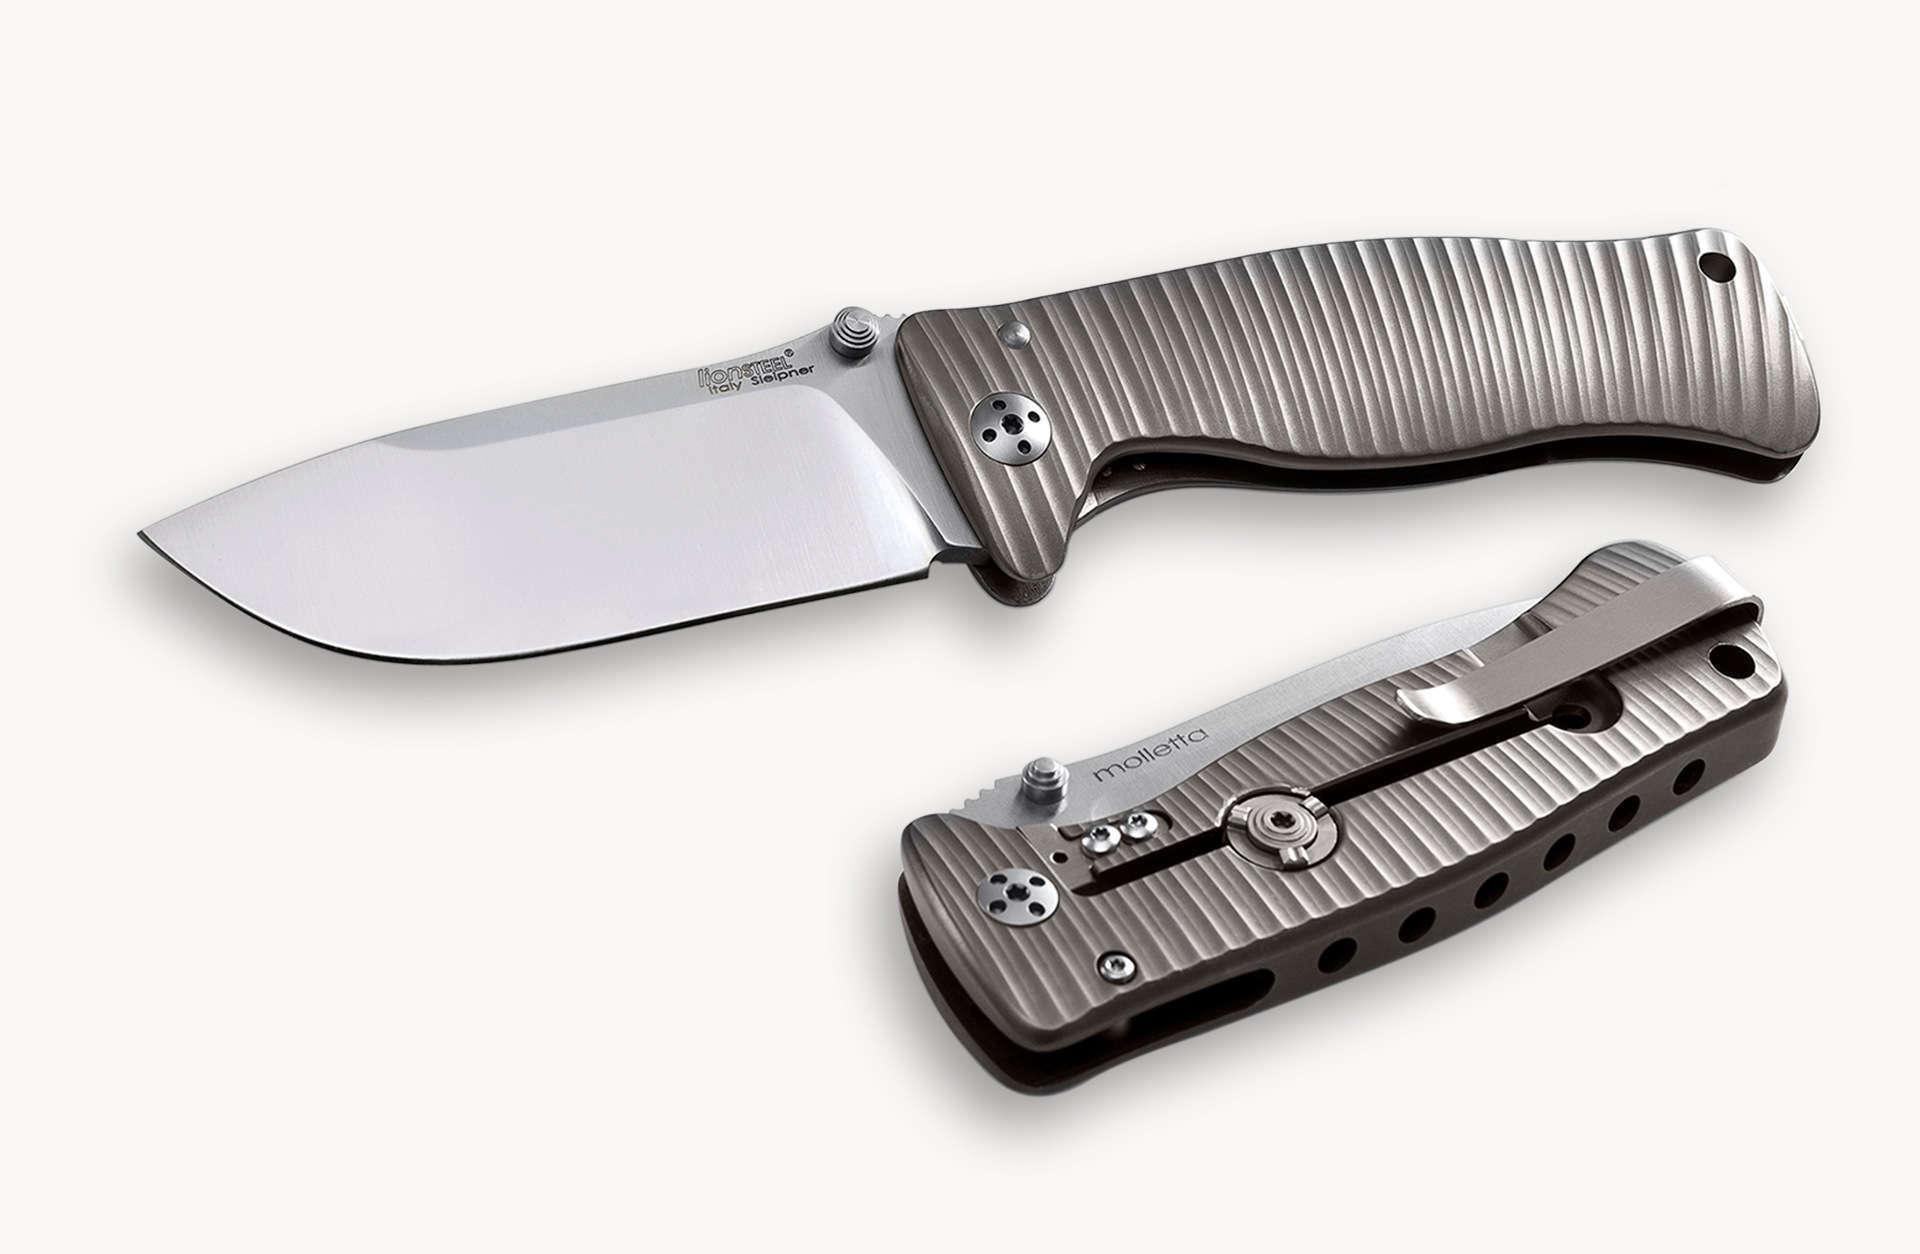 Фото 6 - Нож складной LionSteel SR2 G (GREY) Mini, сталь Uddeholm Sleipner® Satin, рукоять титан по технологии Solid®, серый от Lion Steel